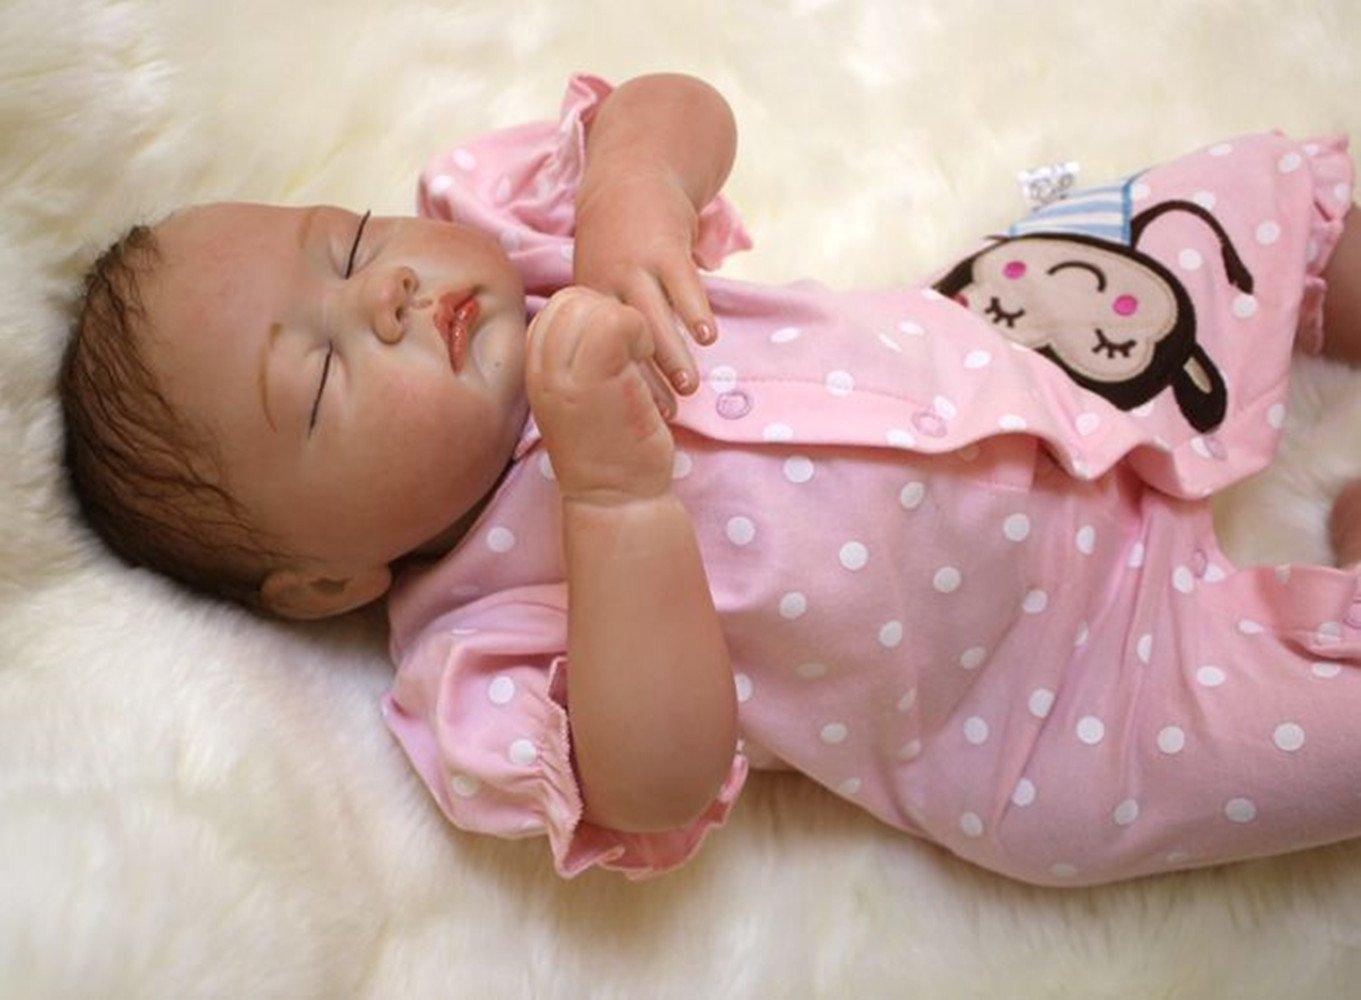 HGYG Neugeborenes 49 cm 19 Zoll Reborn Baby Puppe Silikon Vinyl Naturgetreue Schlaf Baby Doll Mädchen Spielzeug Geschenke